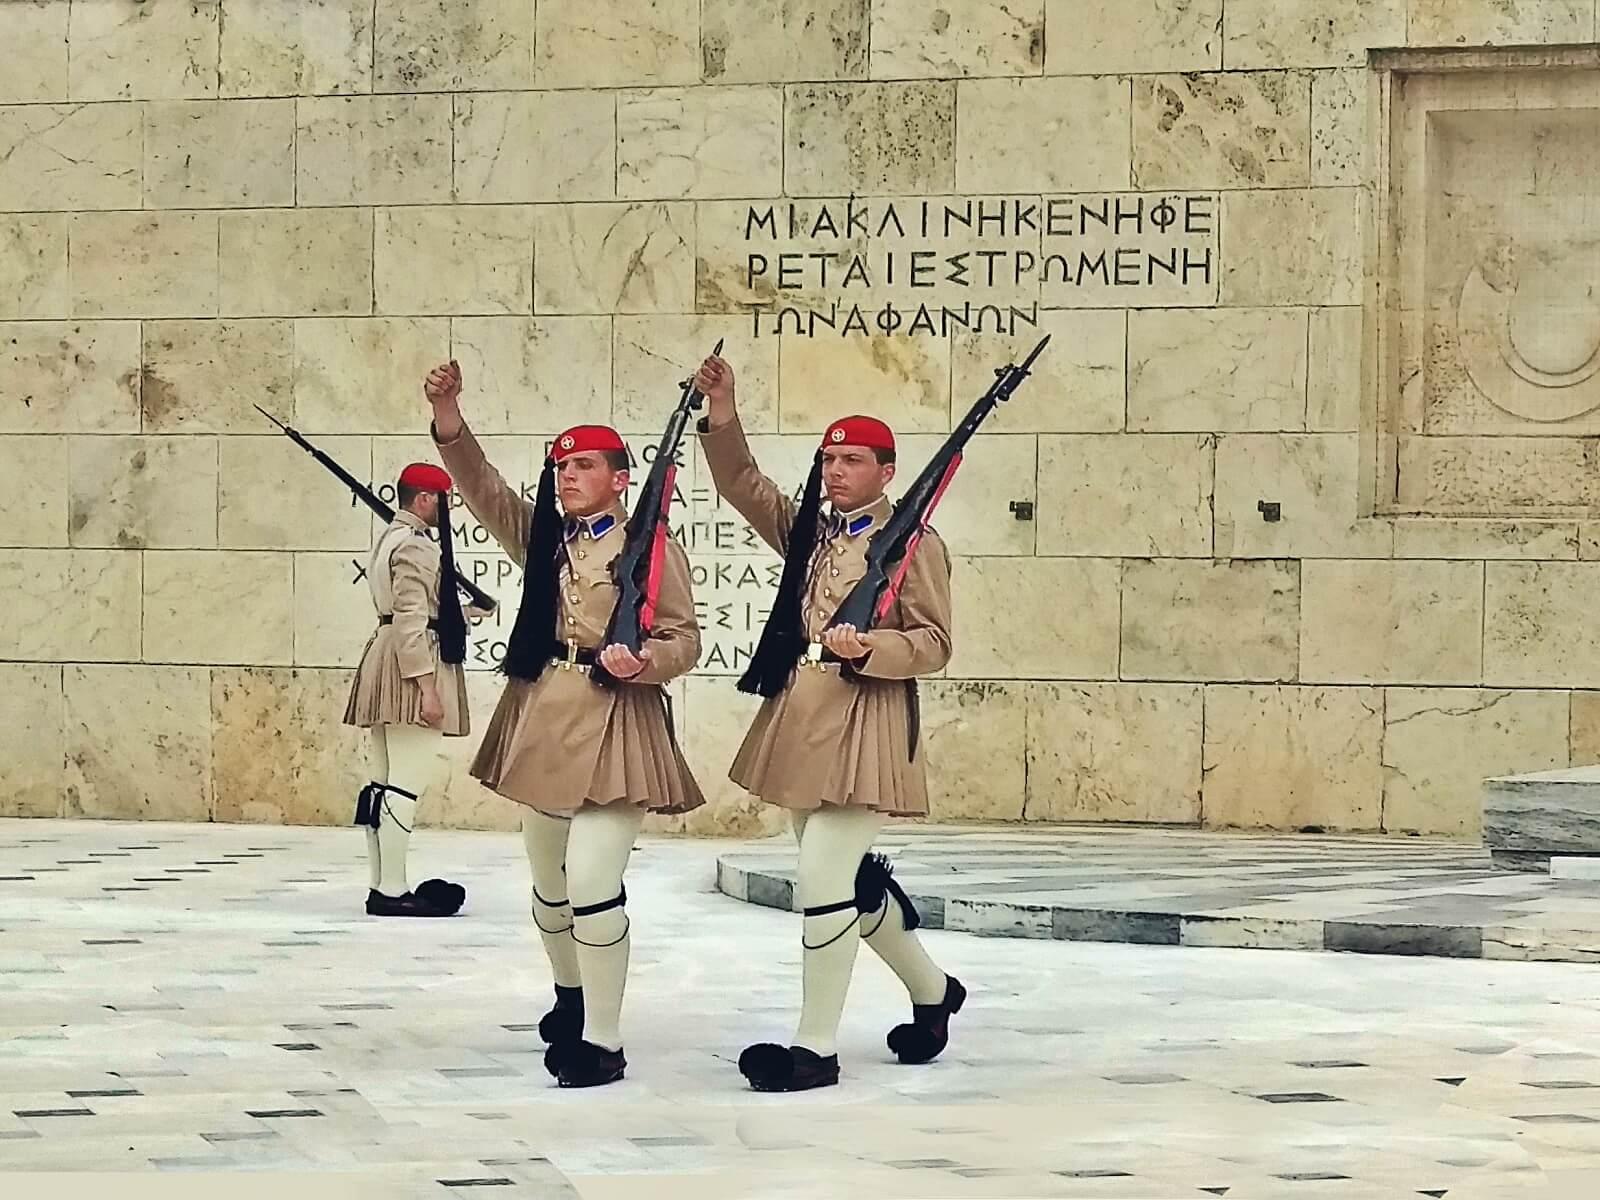 Grób nieznanego żołnierza w Atenach.